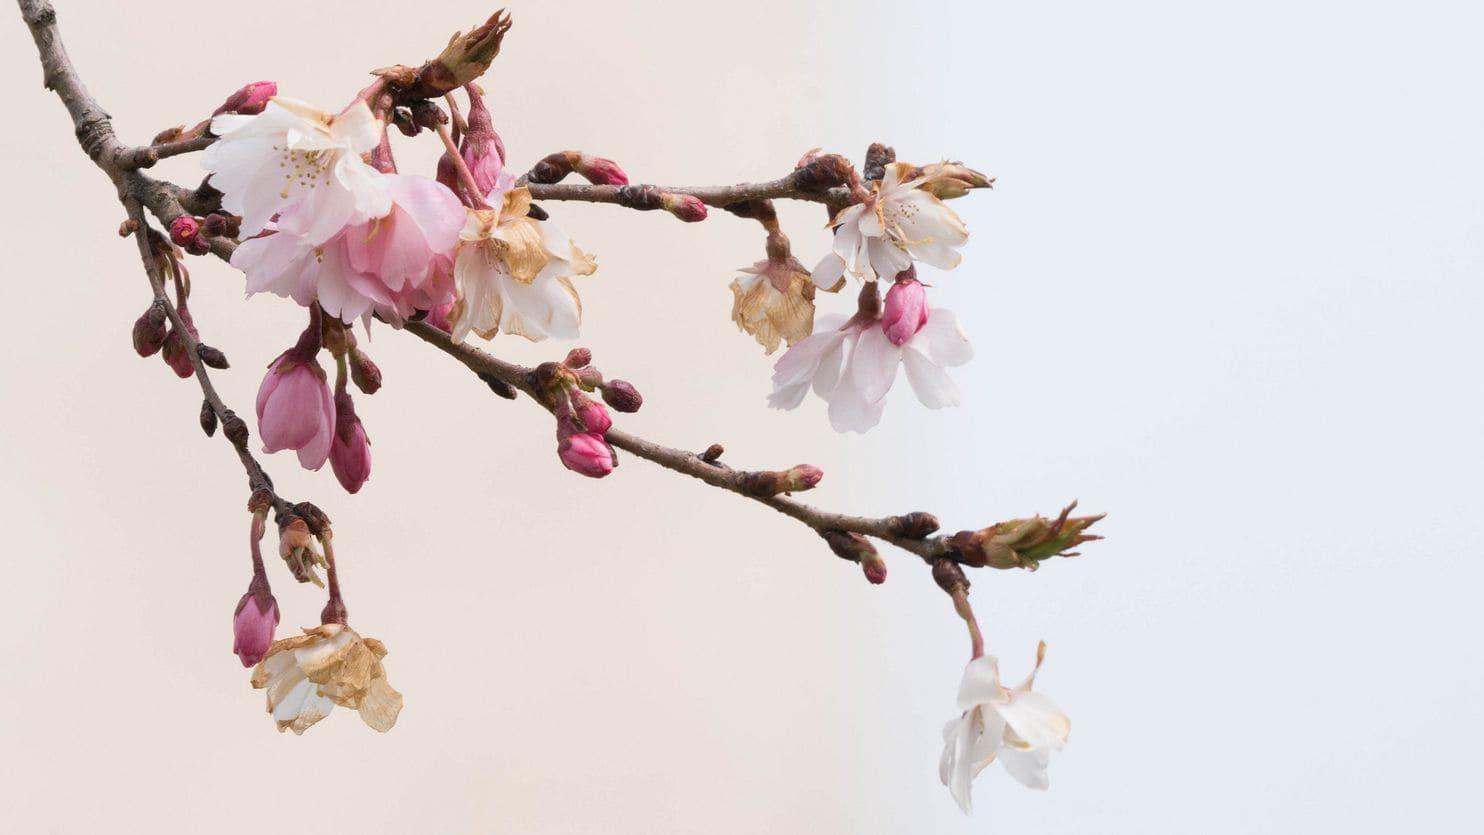 Cherry Blossom Tree Cherry Blossom Flowers Blossom Flower Blossom Meaning